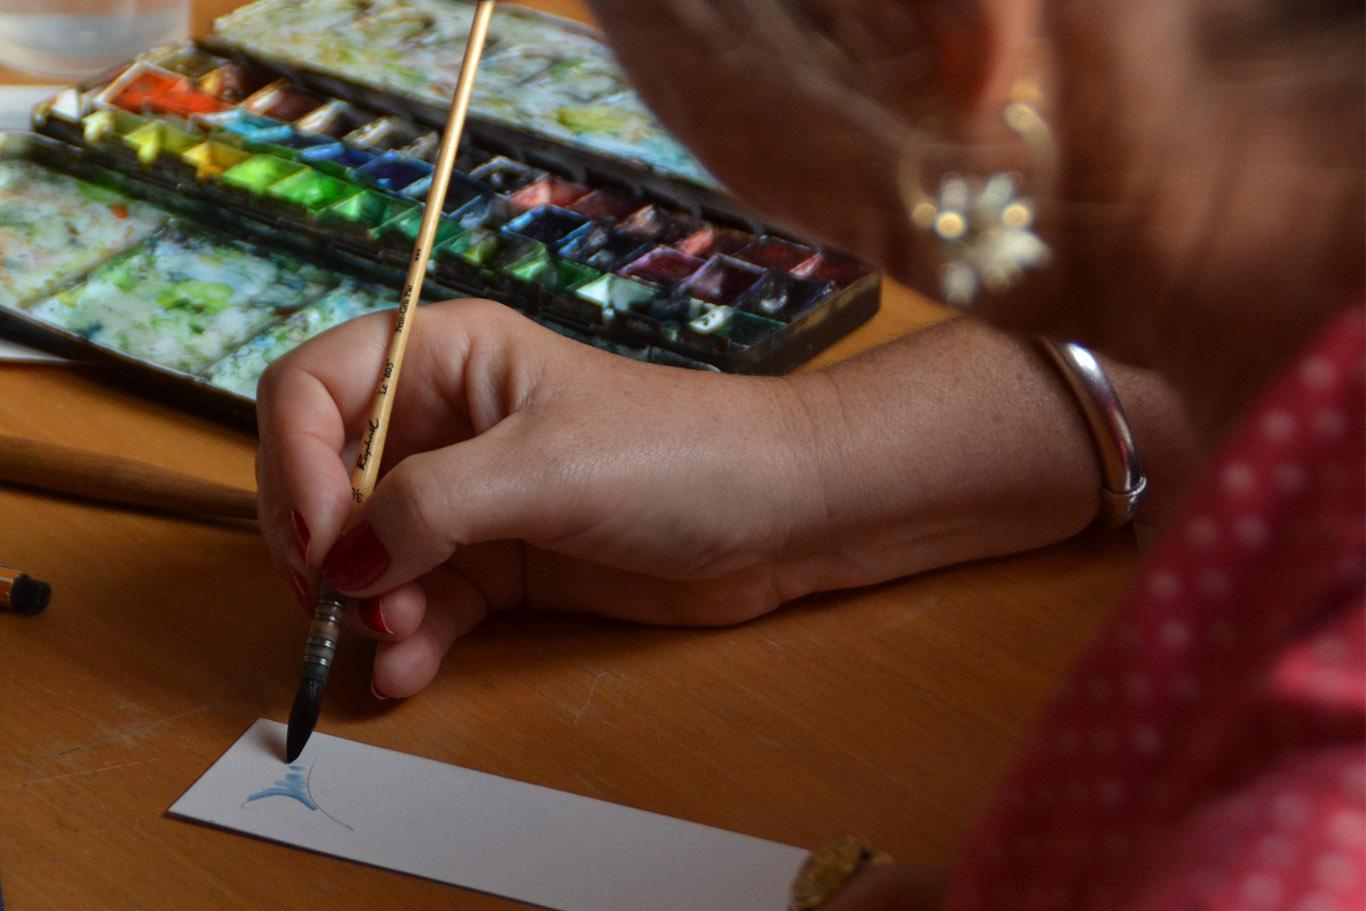 Gros plan sur une main qui tient un fin pinceau à réservoir d'eau.  Ma main dessine une palme sur un marque page. en arrière plan, ma palette